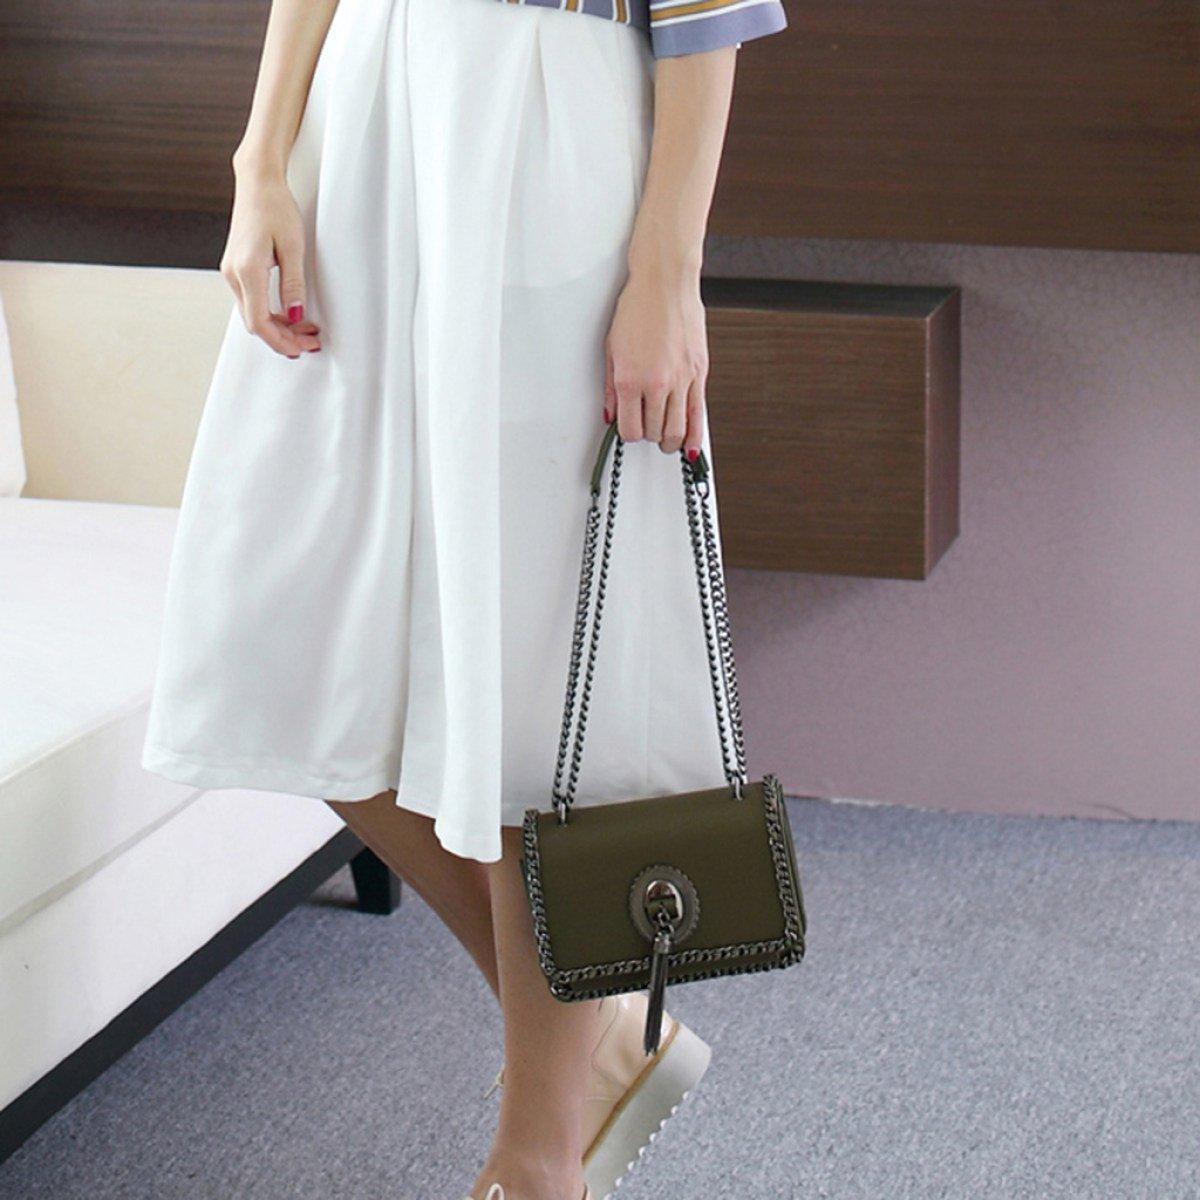 Kvinnor crossbody väskor kedja axelväskor messengerväska mini PU-läder kvinnlig handväska för damer flickor gåvor kontor shopping resor BEIgE